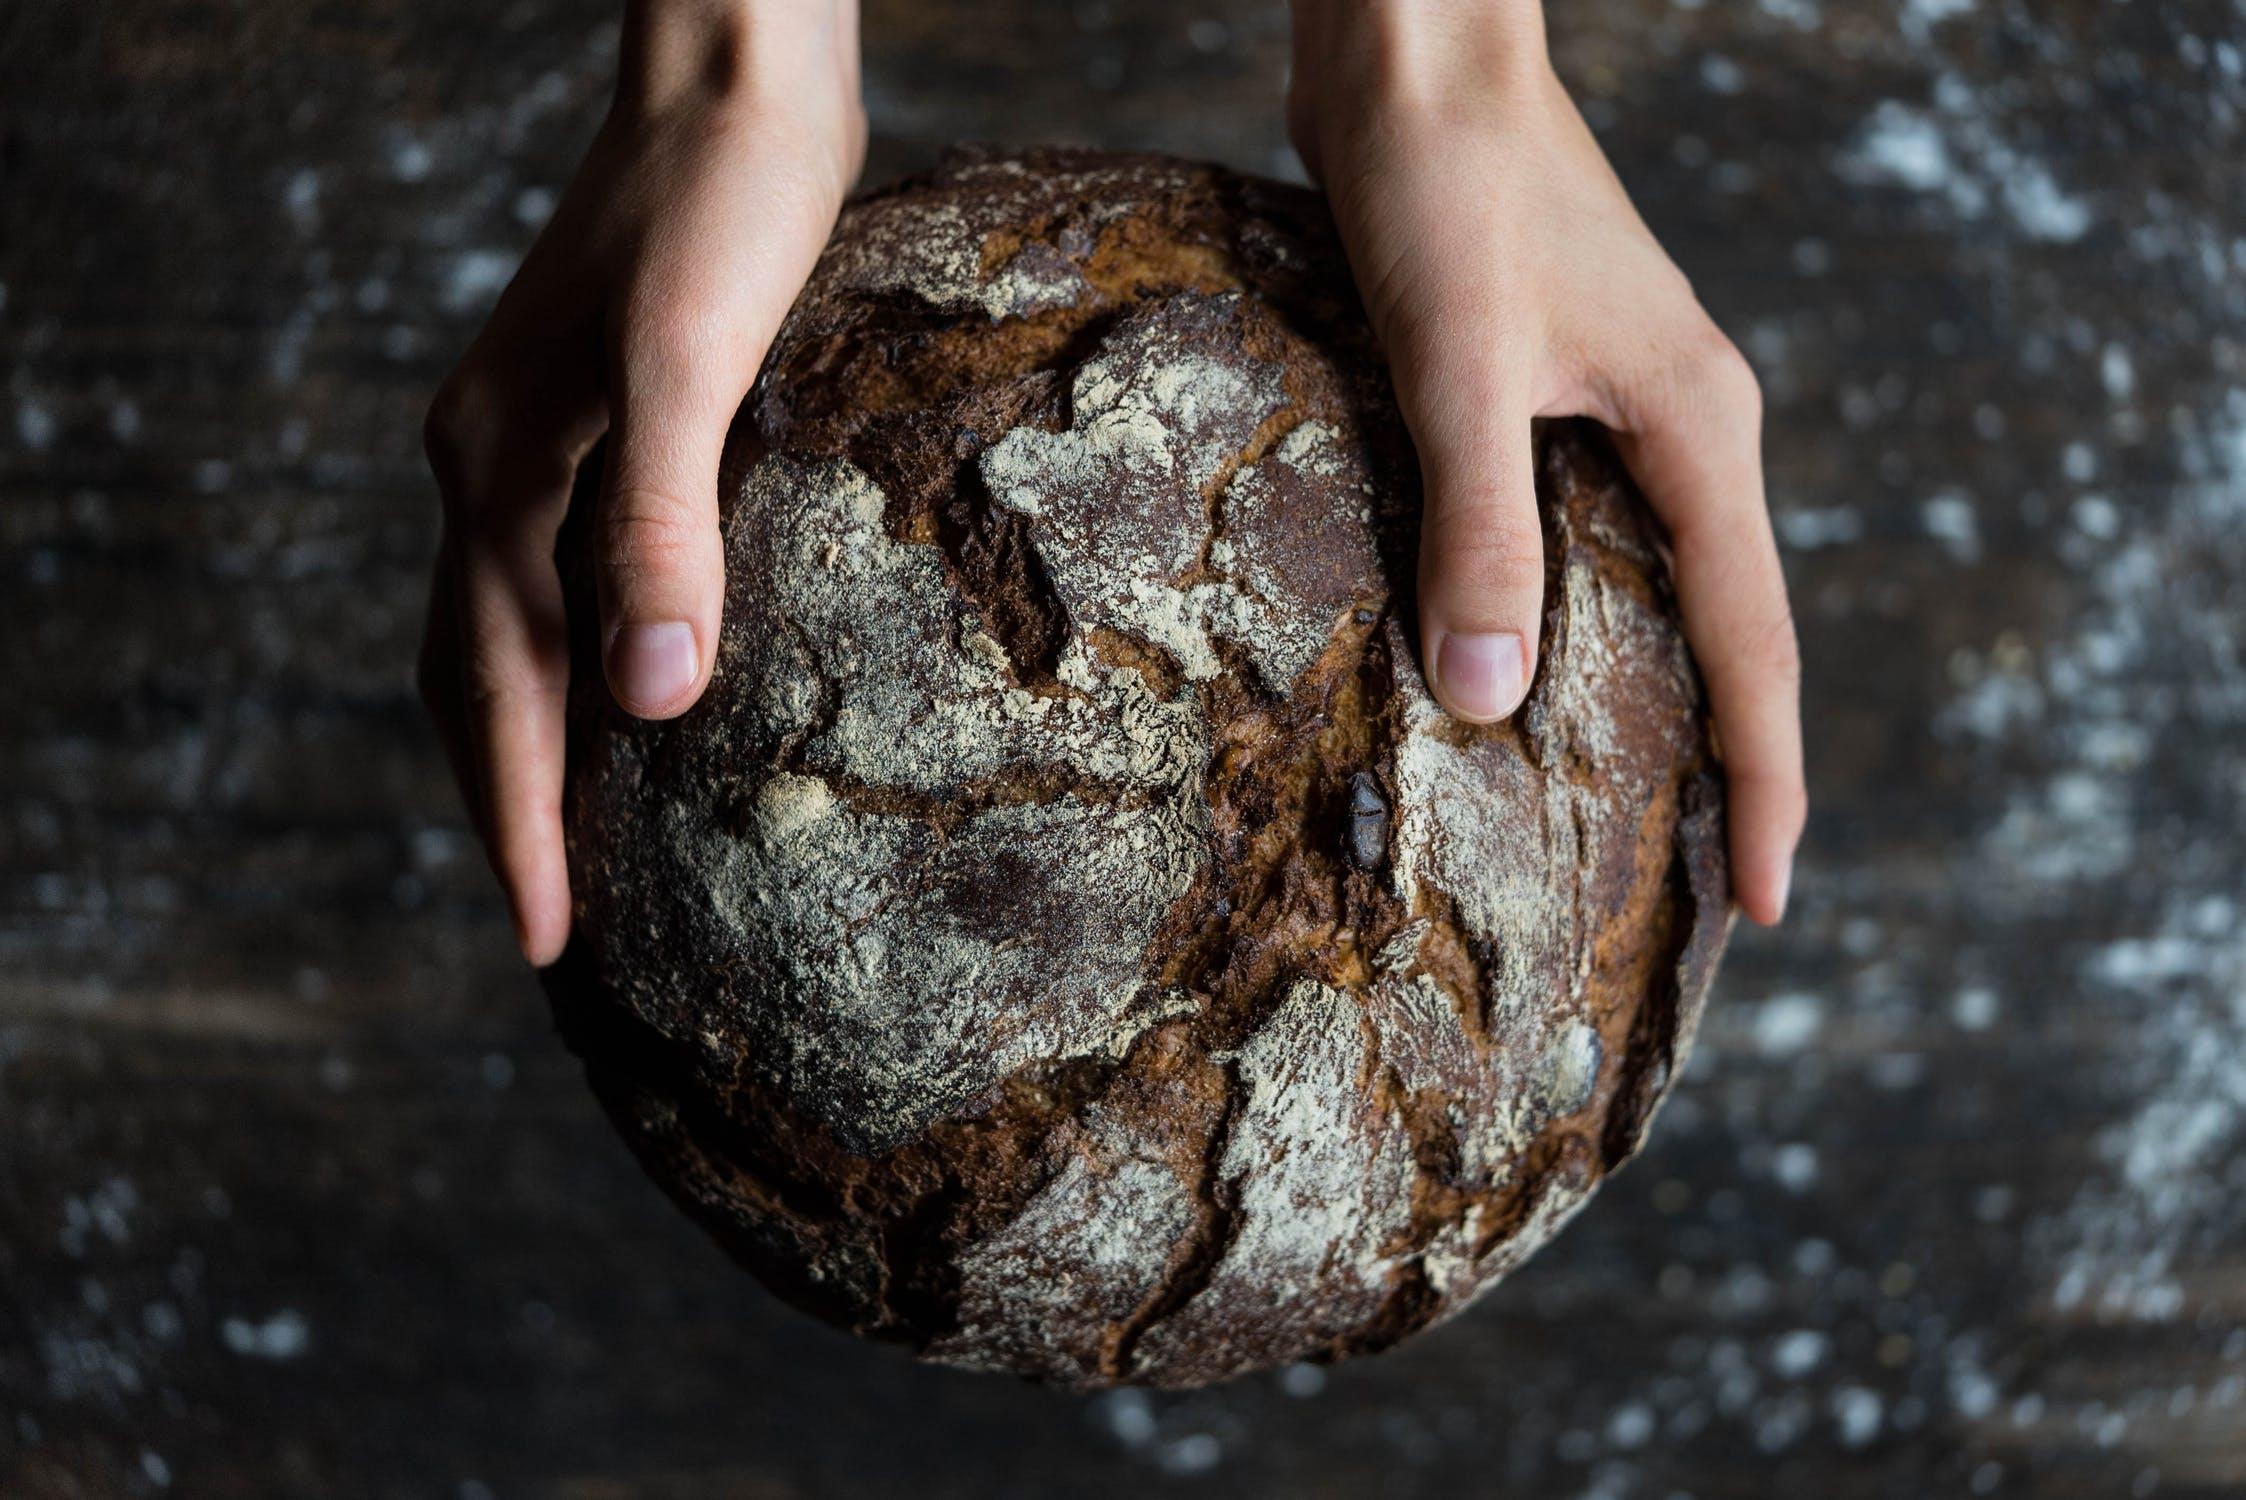 Akcesoria piekarskie - chleb i bułki wprost z Twojego piekarnika